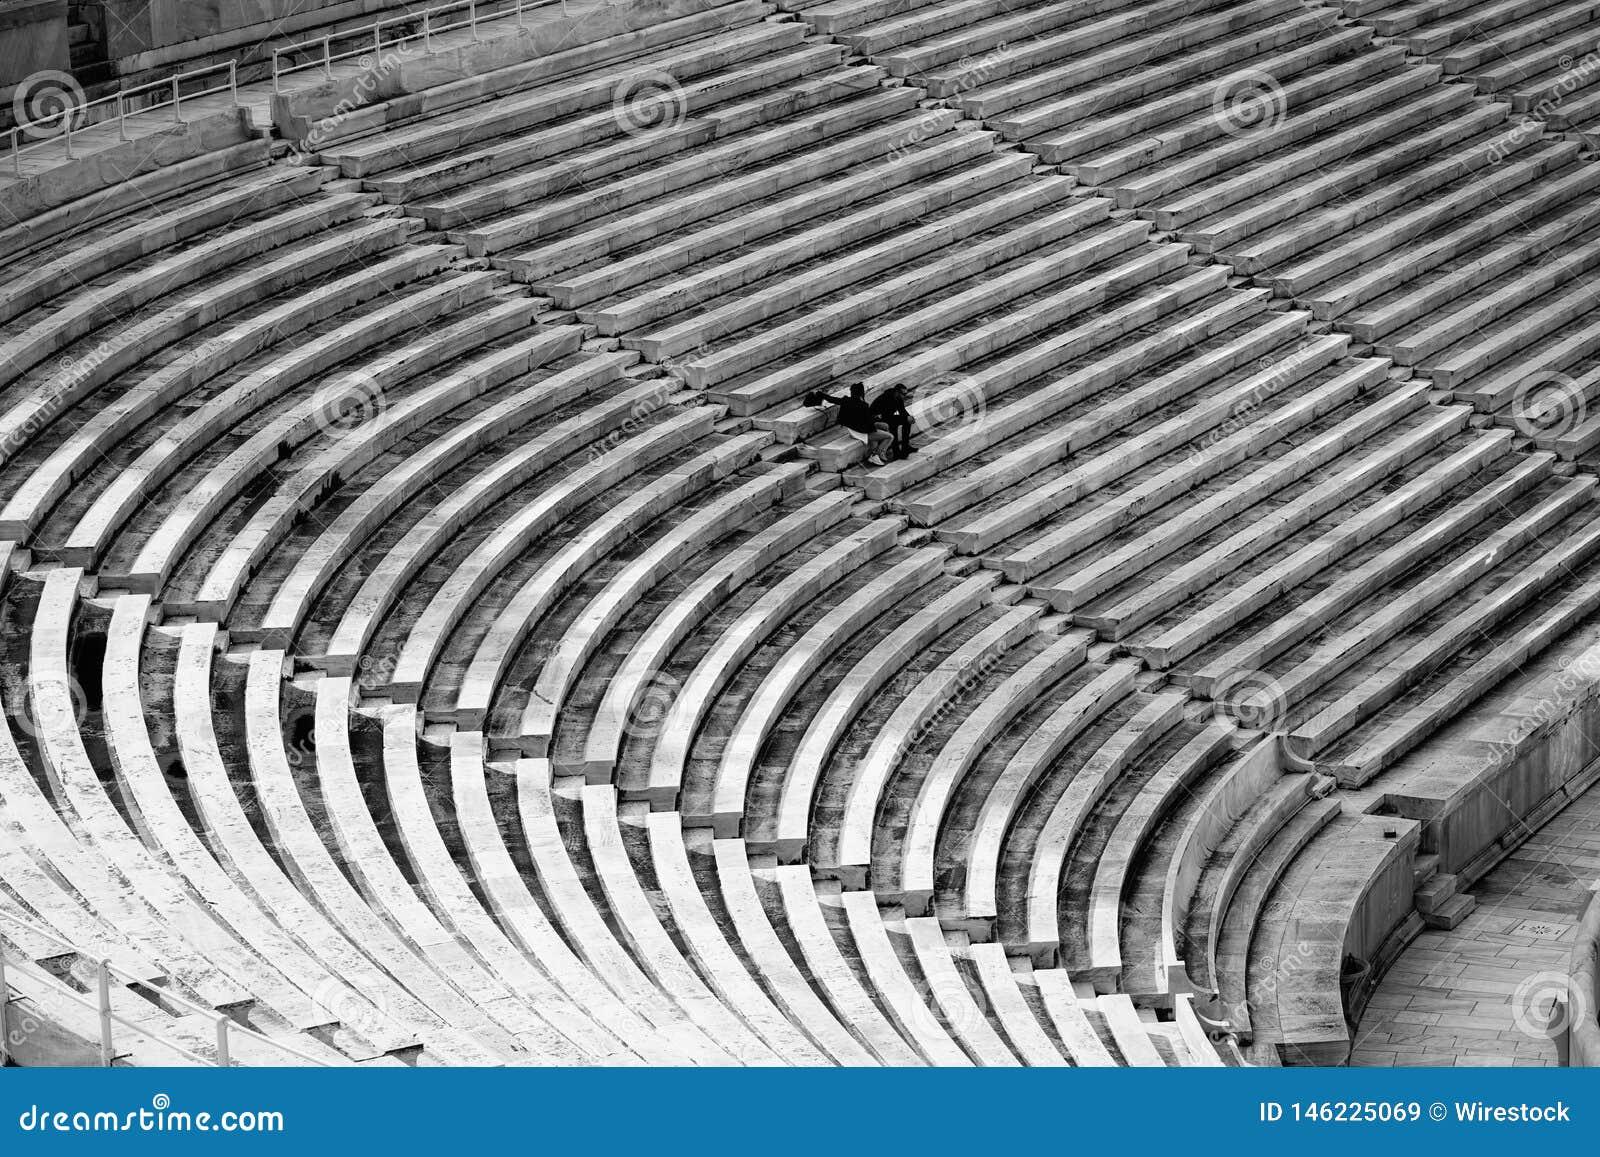 Stora platser för en stadion med få människor